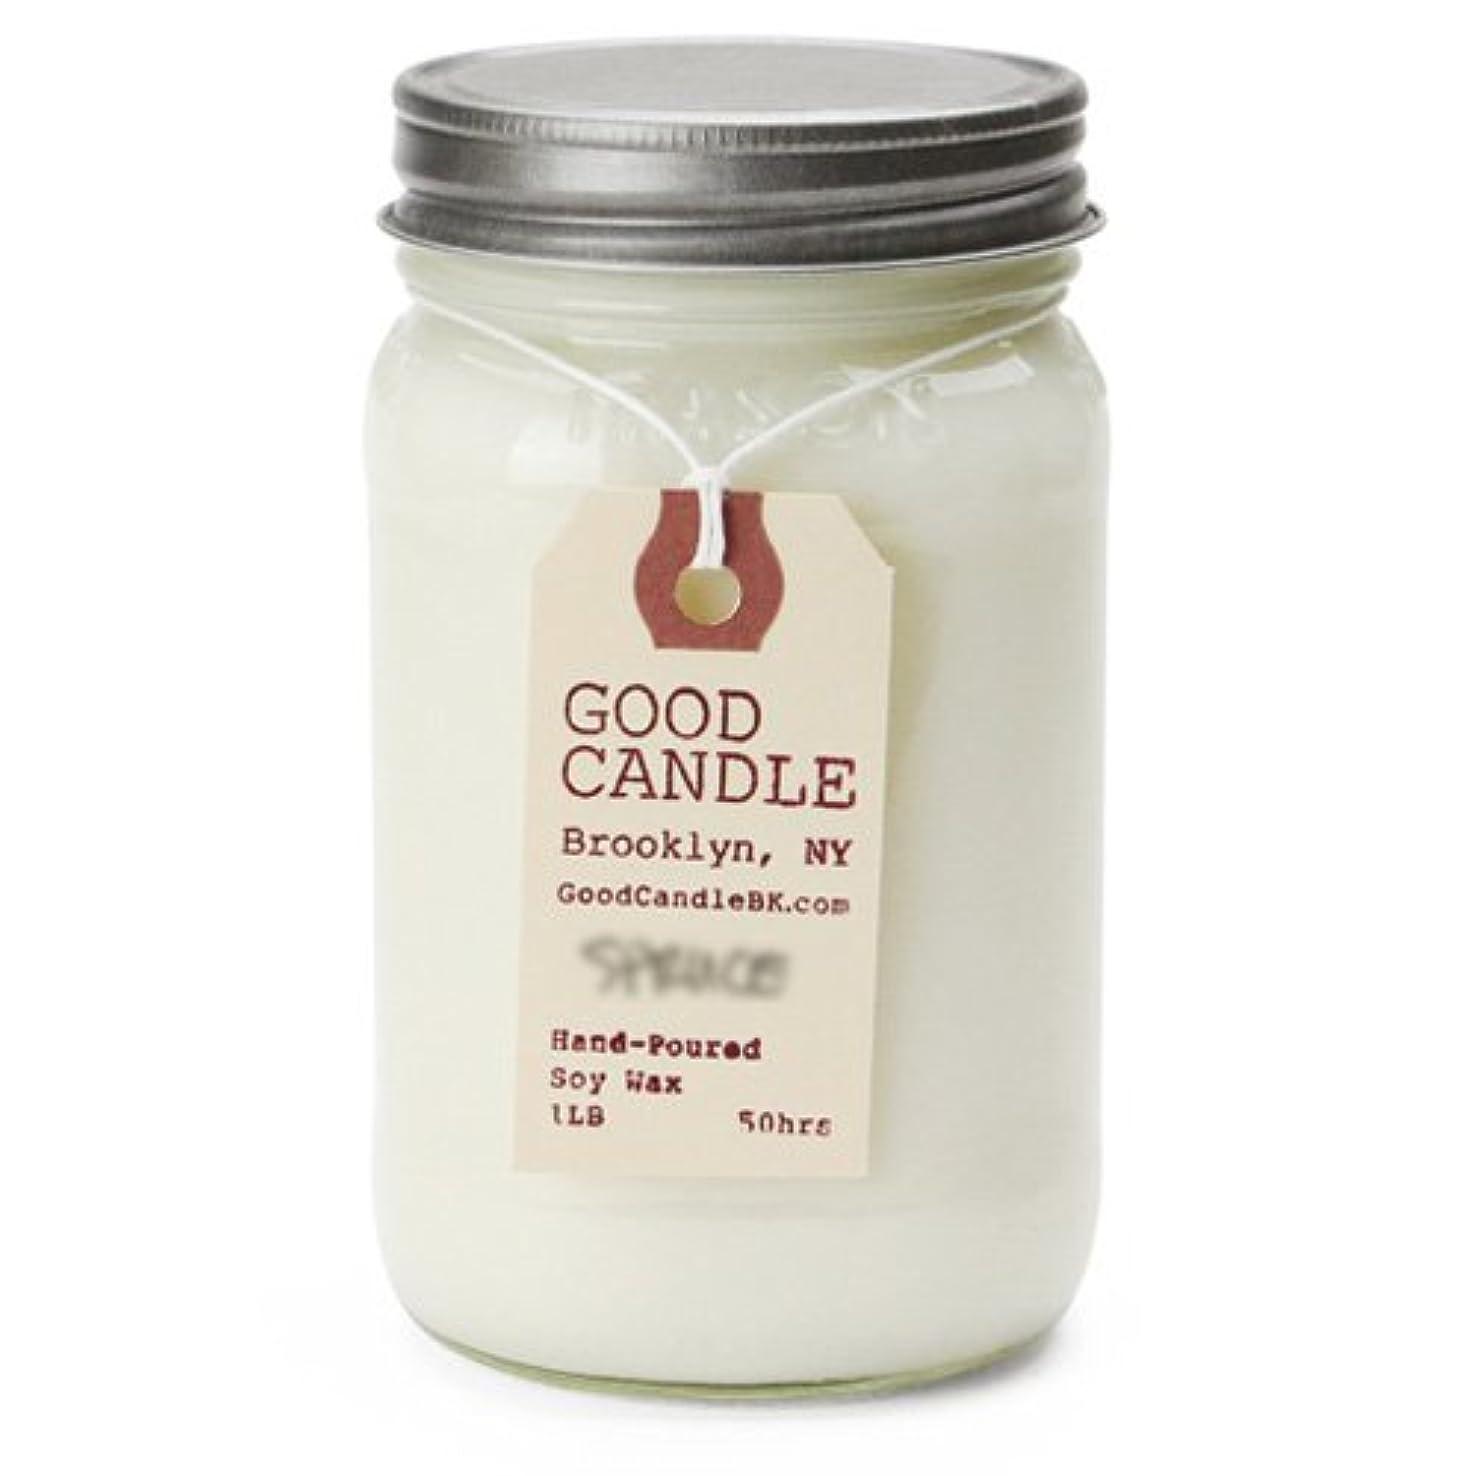 公園ネクタイ薬グッドキャンドル 1ポンド メイソンジャー キャンドル Good Candle 1LB Mason jar candle [ Camp fire ] 正規品